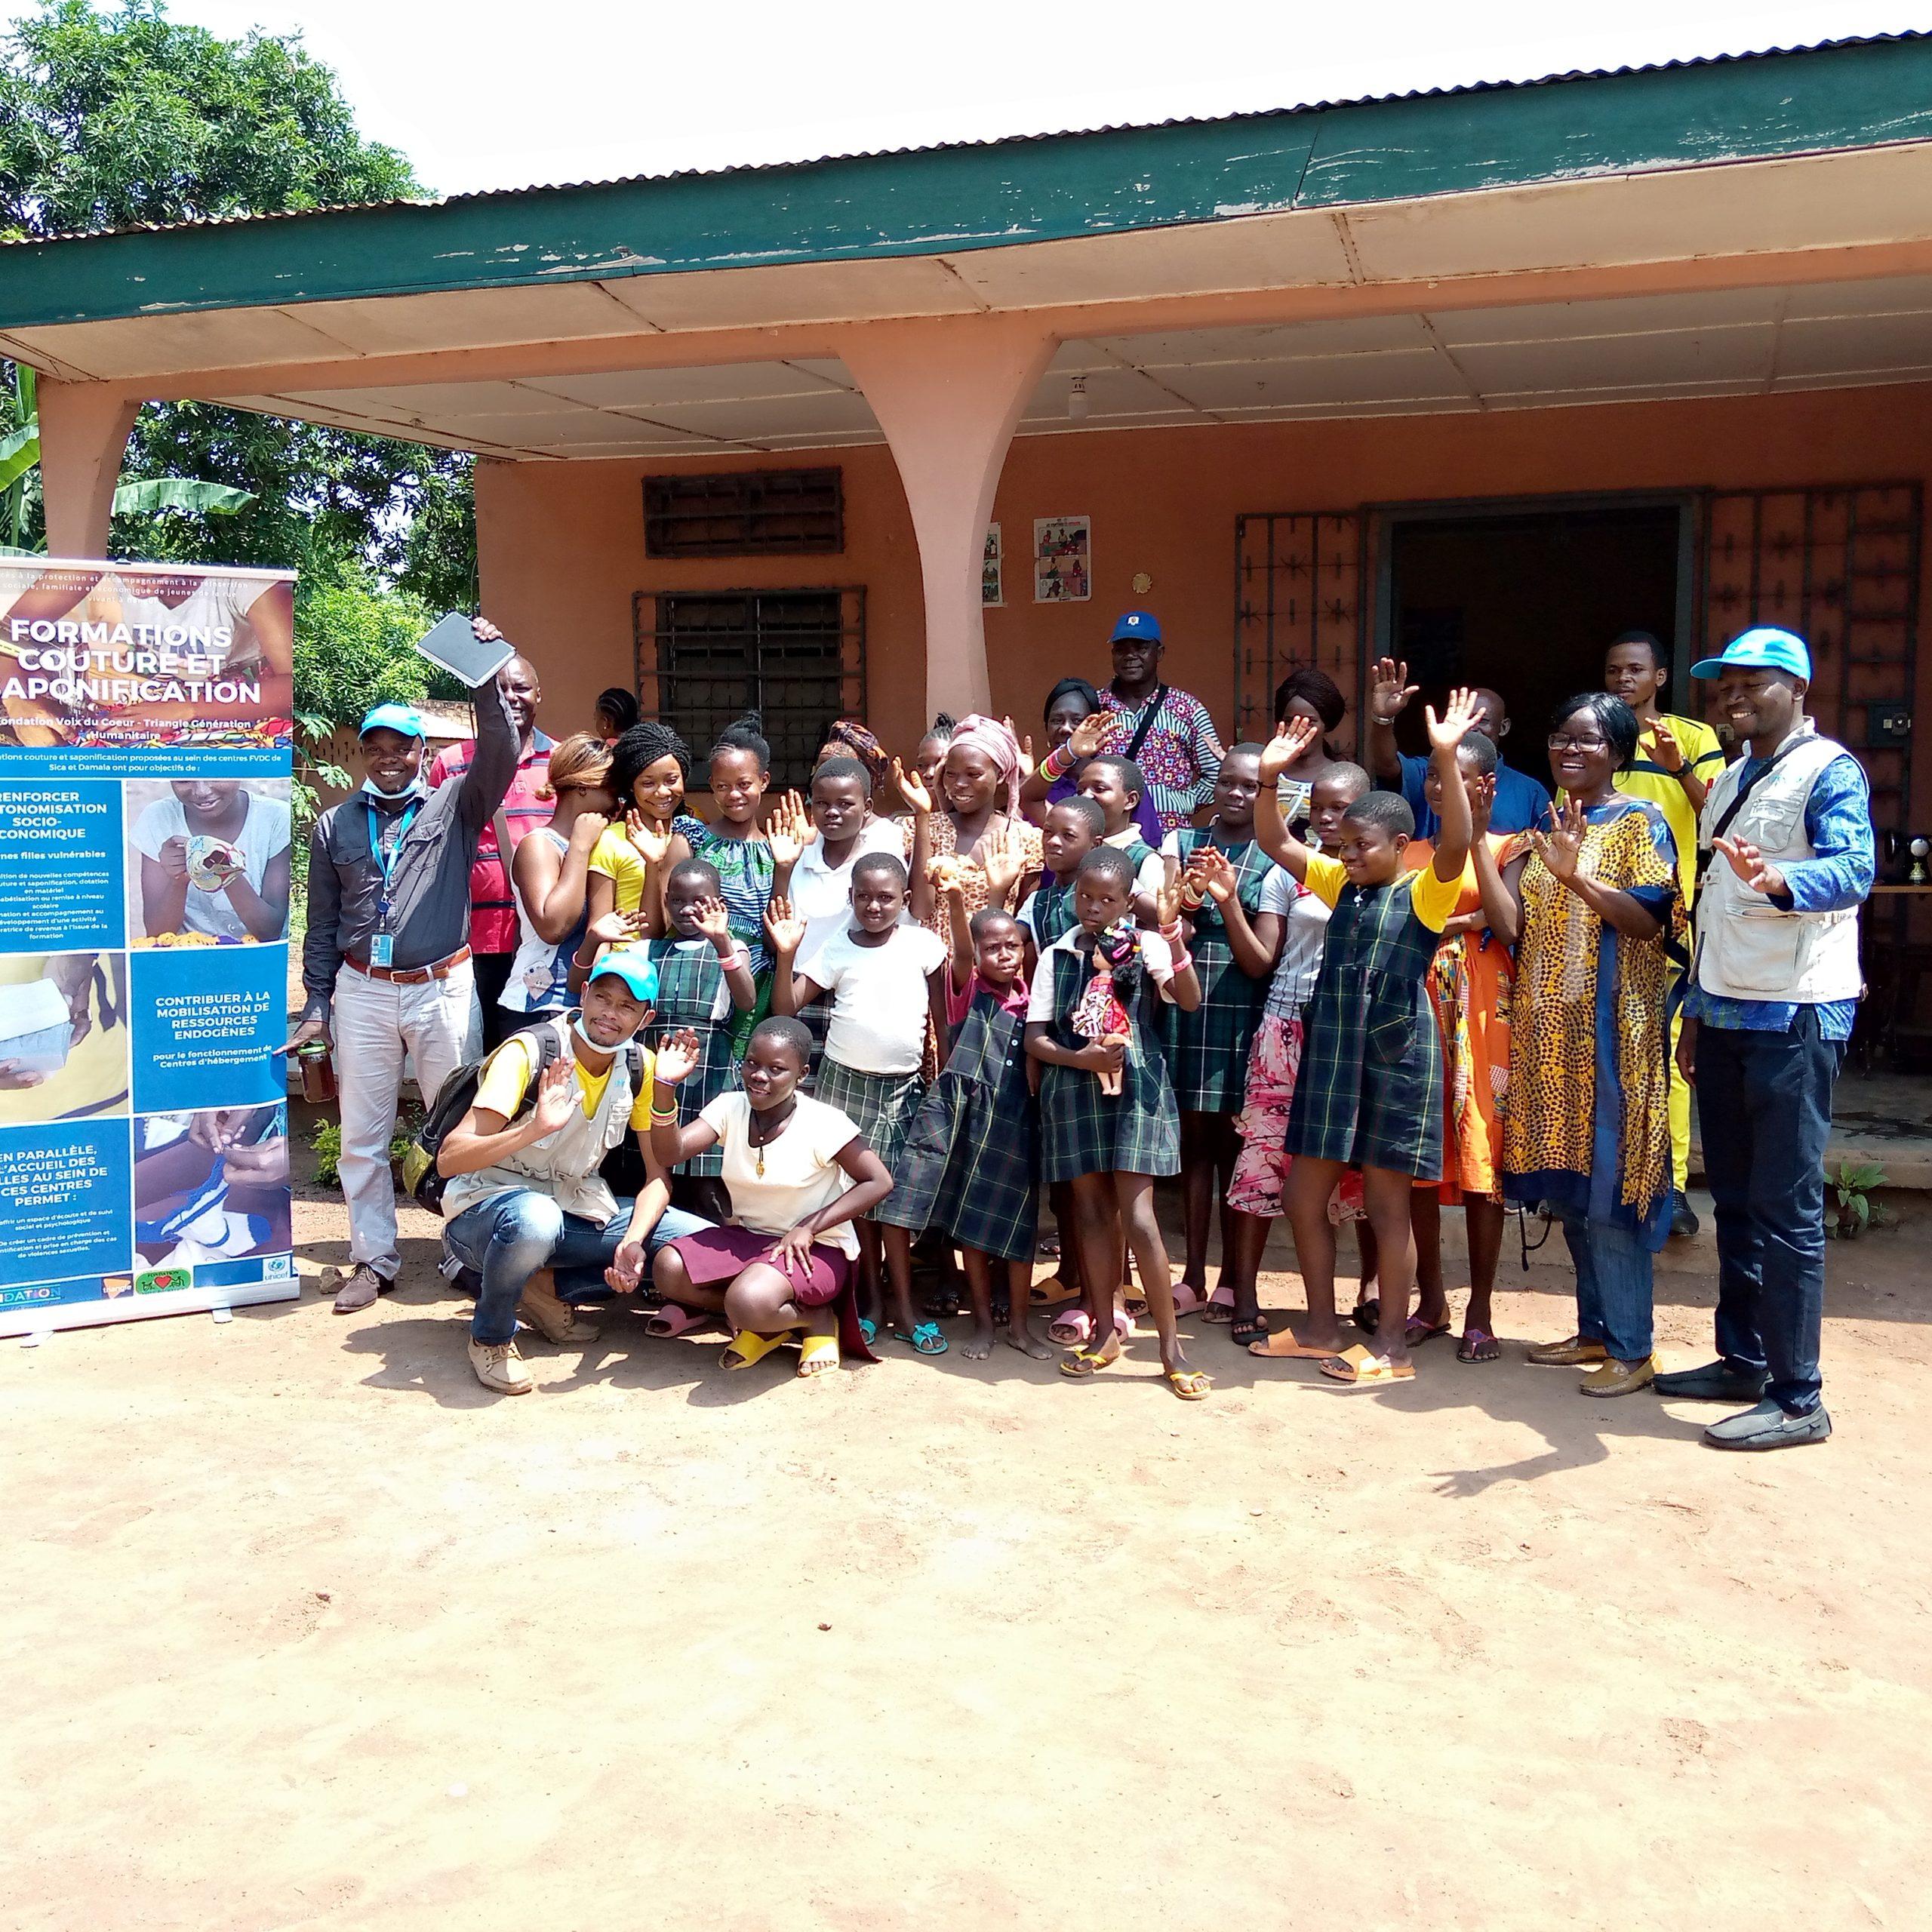 Centrafrique : Le gouvernement et l'UNICEF enquêtent sur les enfants en situation difficile à Bangui et Begoua